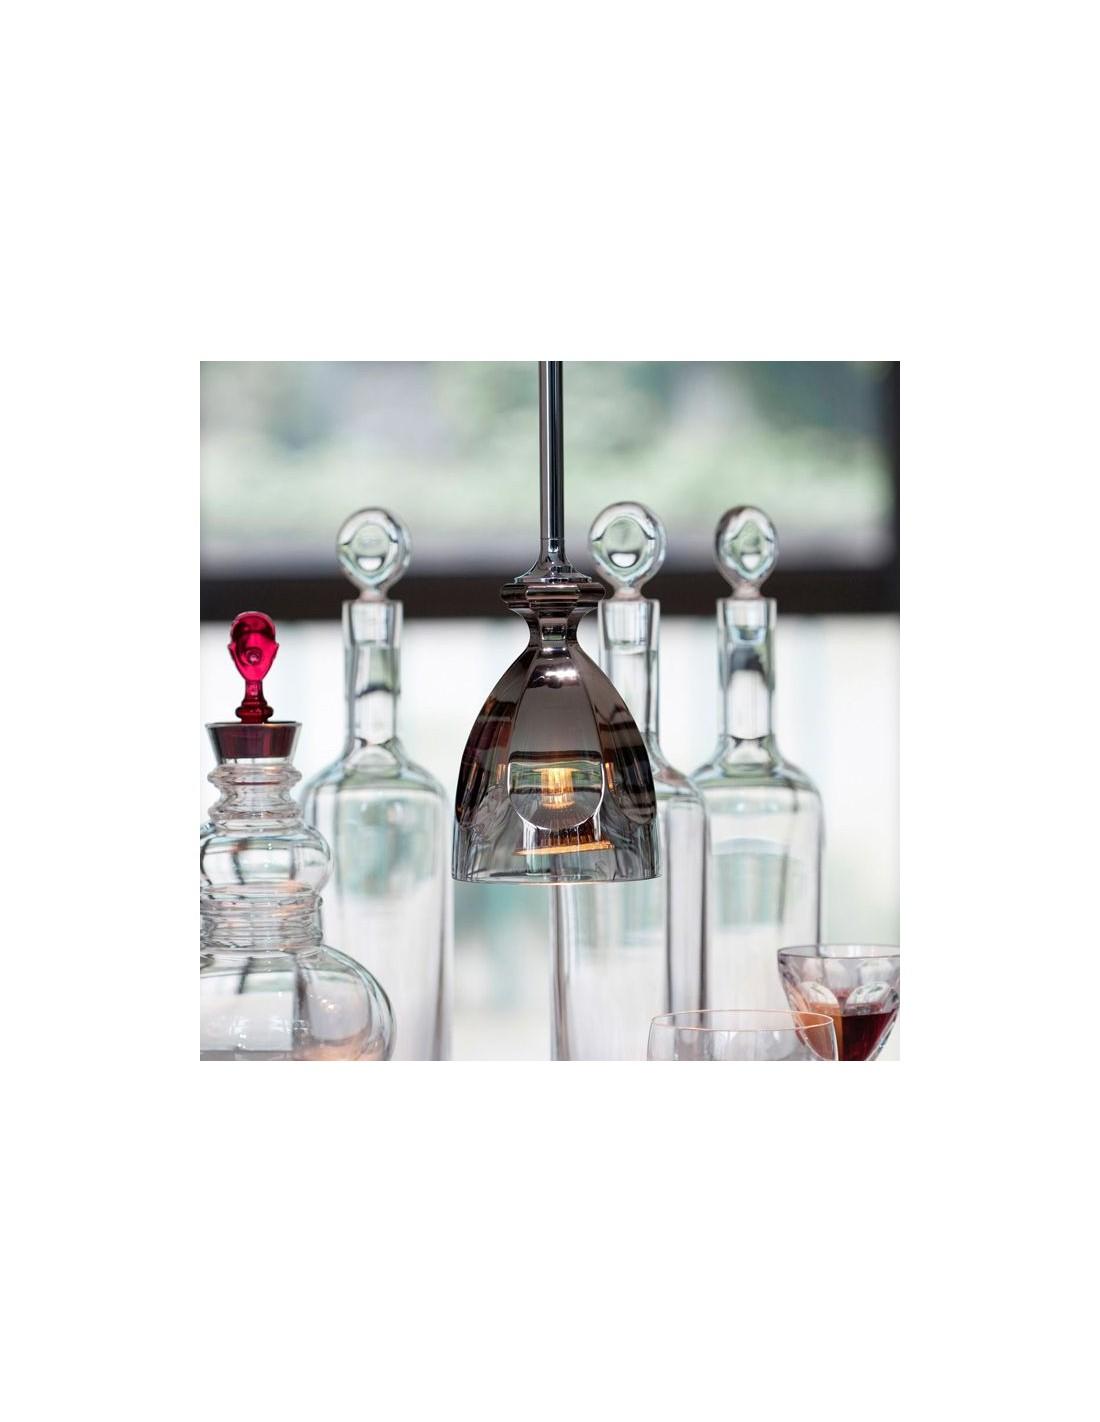 Suspension Hic en cristal clair métallisé argent en dégradé par Philippe Starck pour la marque Baccarat - Valente Design